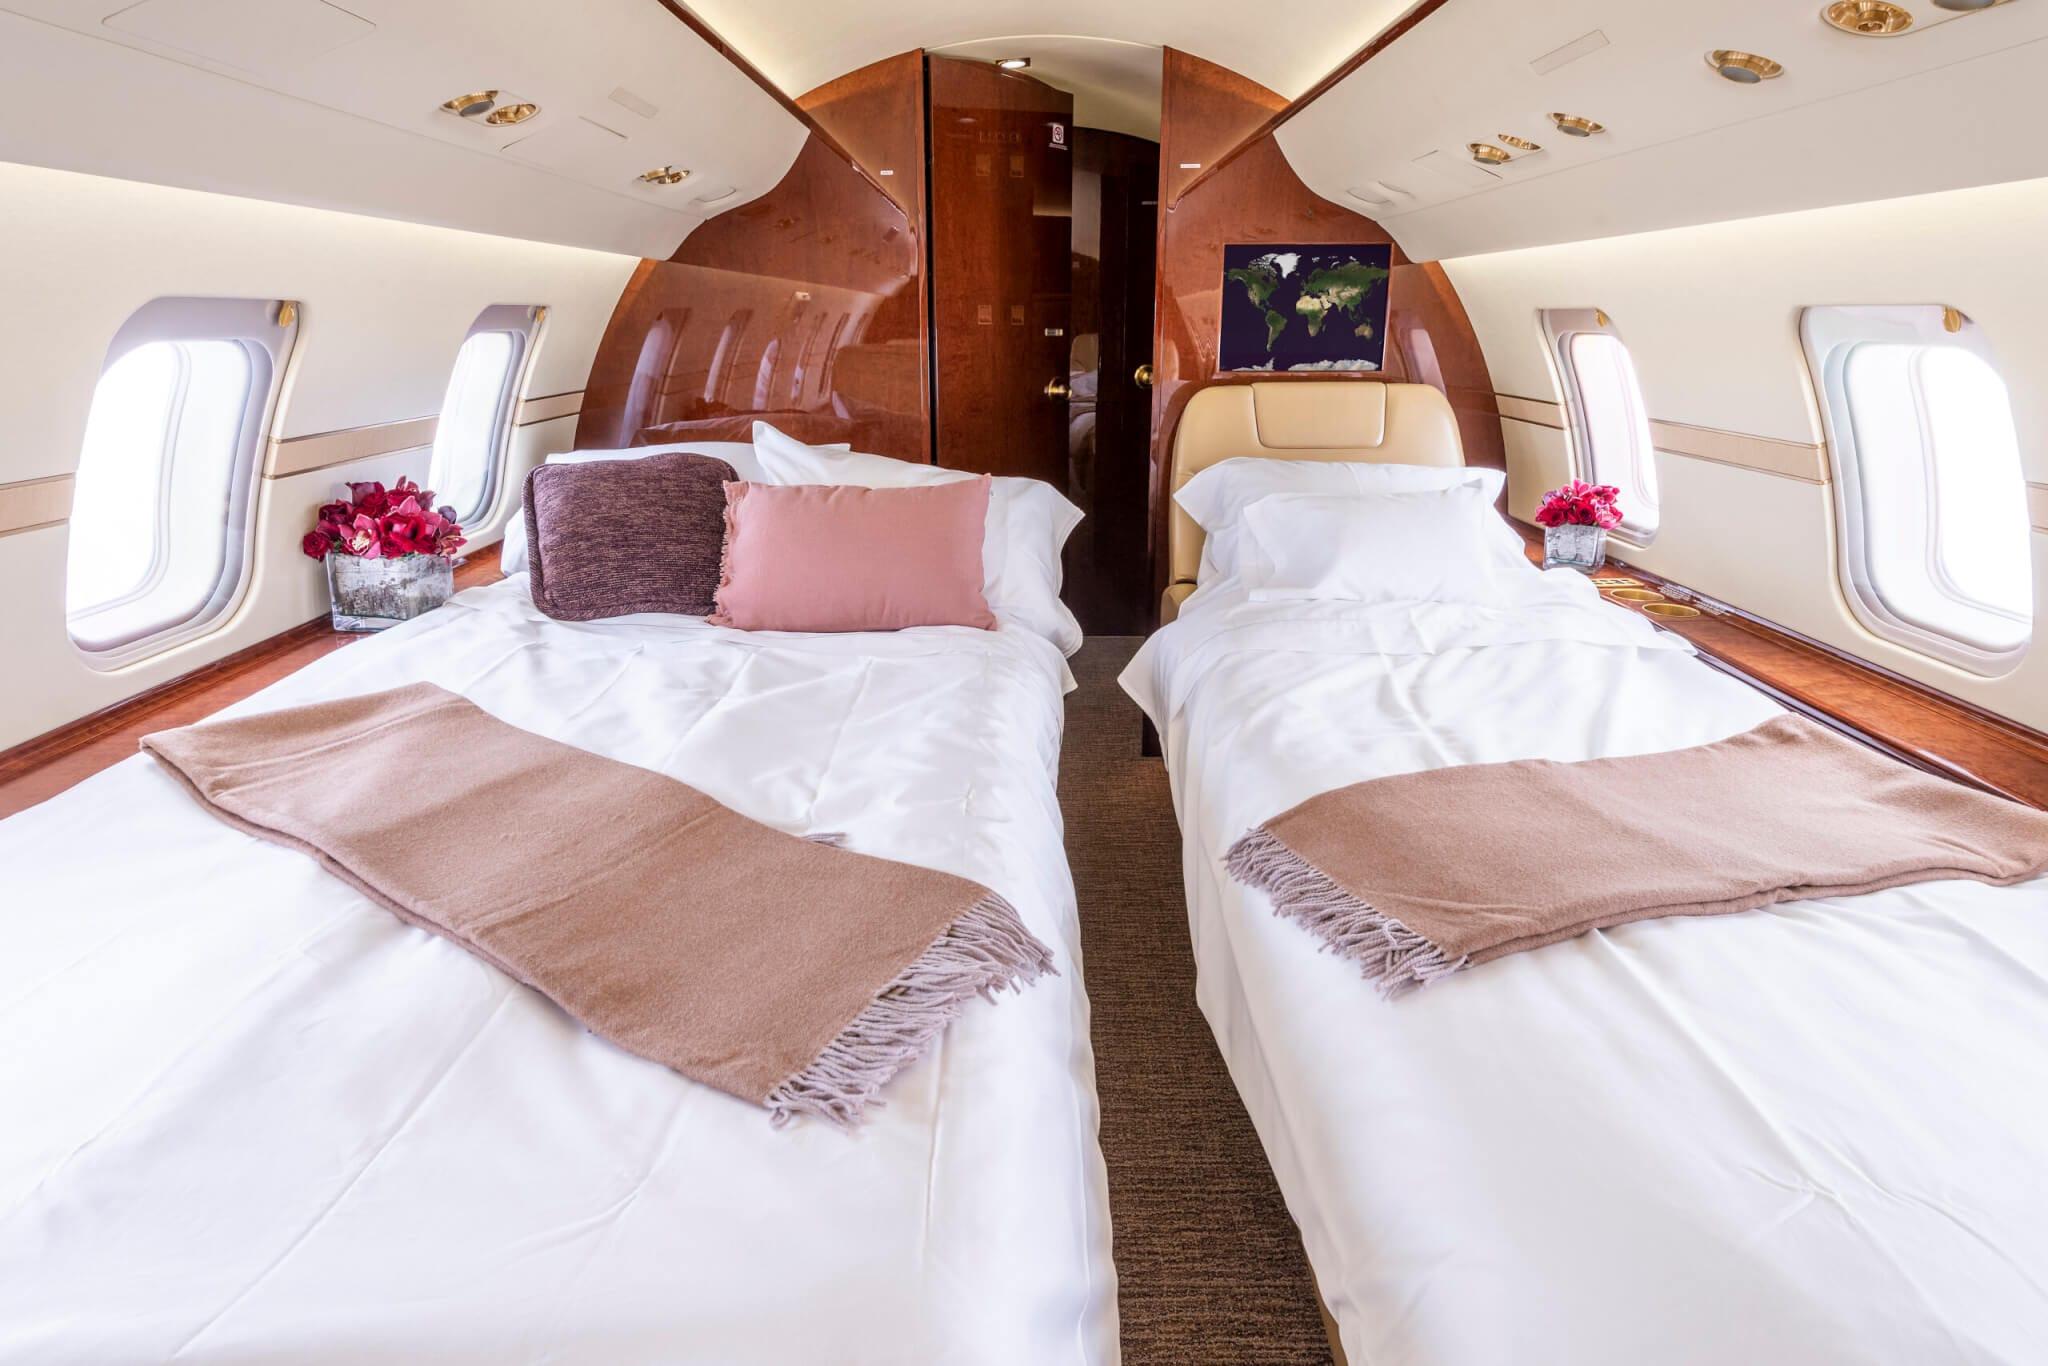 sleeping arrangements of Challenger 605